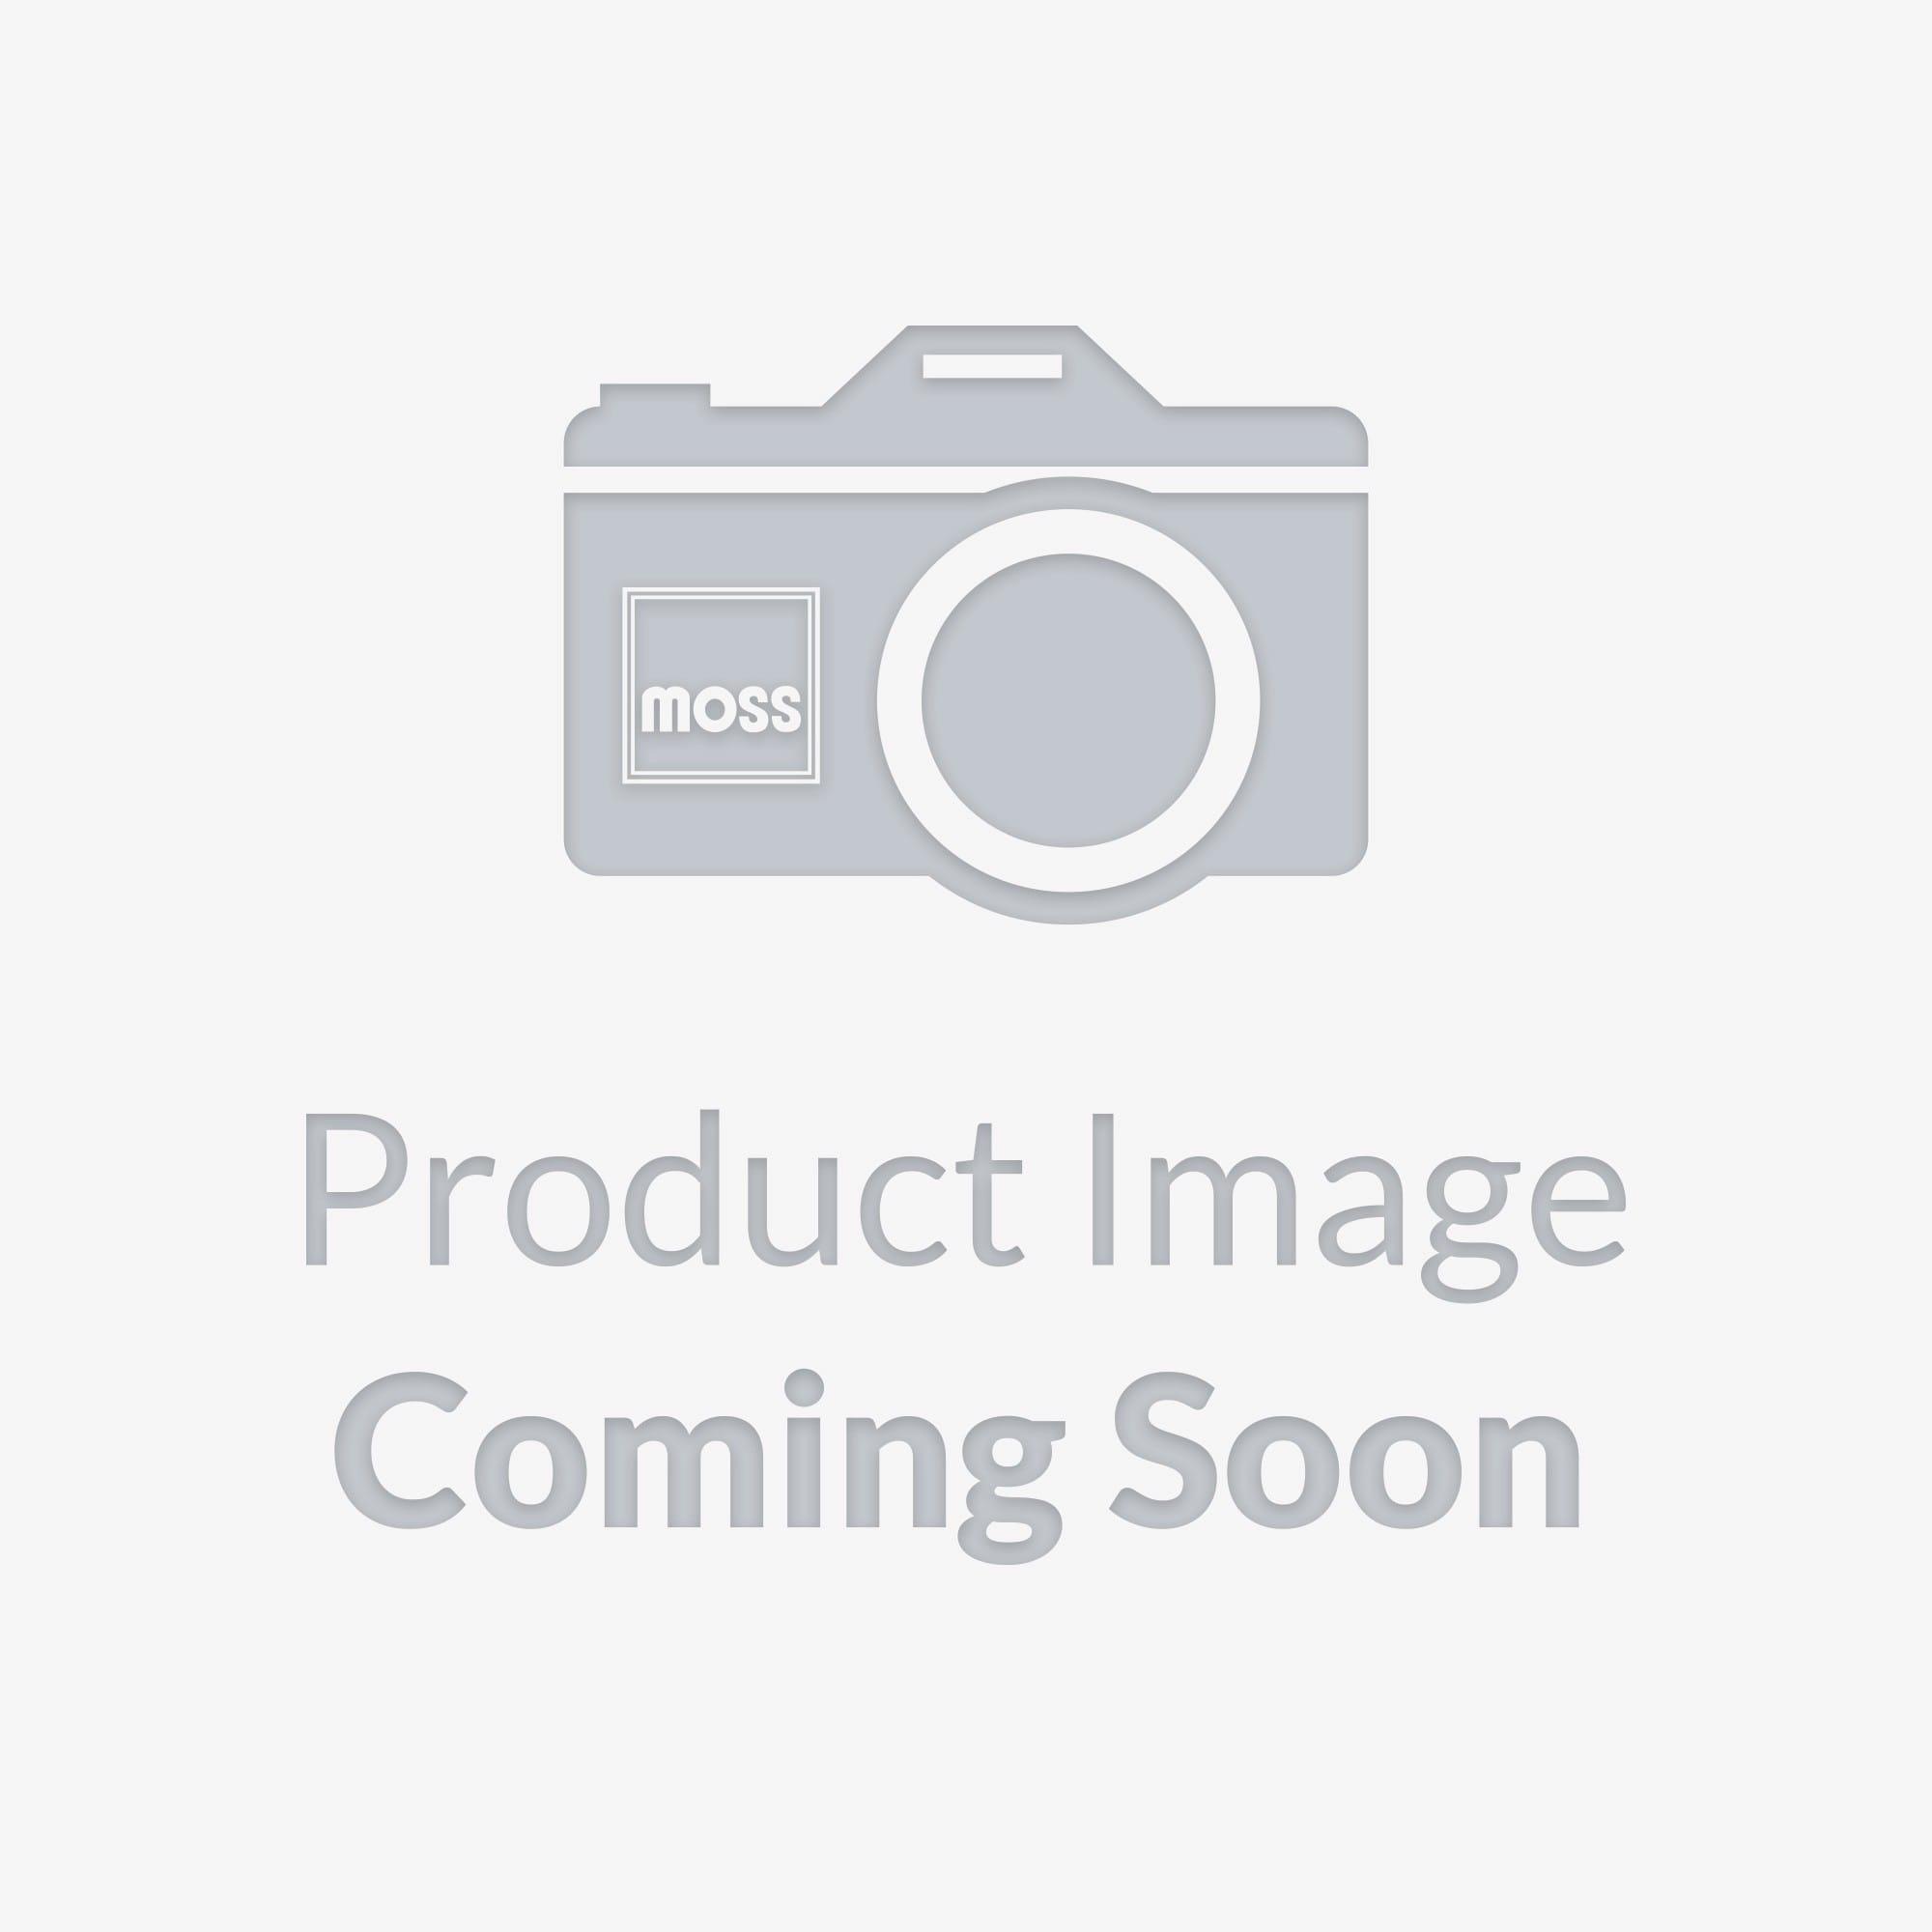 990 035 book lucas fault diagnosis manual moss motors rh mossmotors com Propulsion Fault Diagnosis Fault Diagnosis Genetic Screening